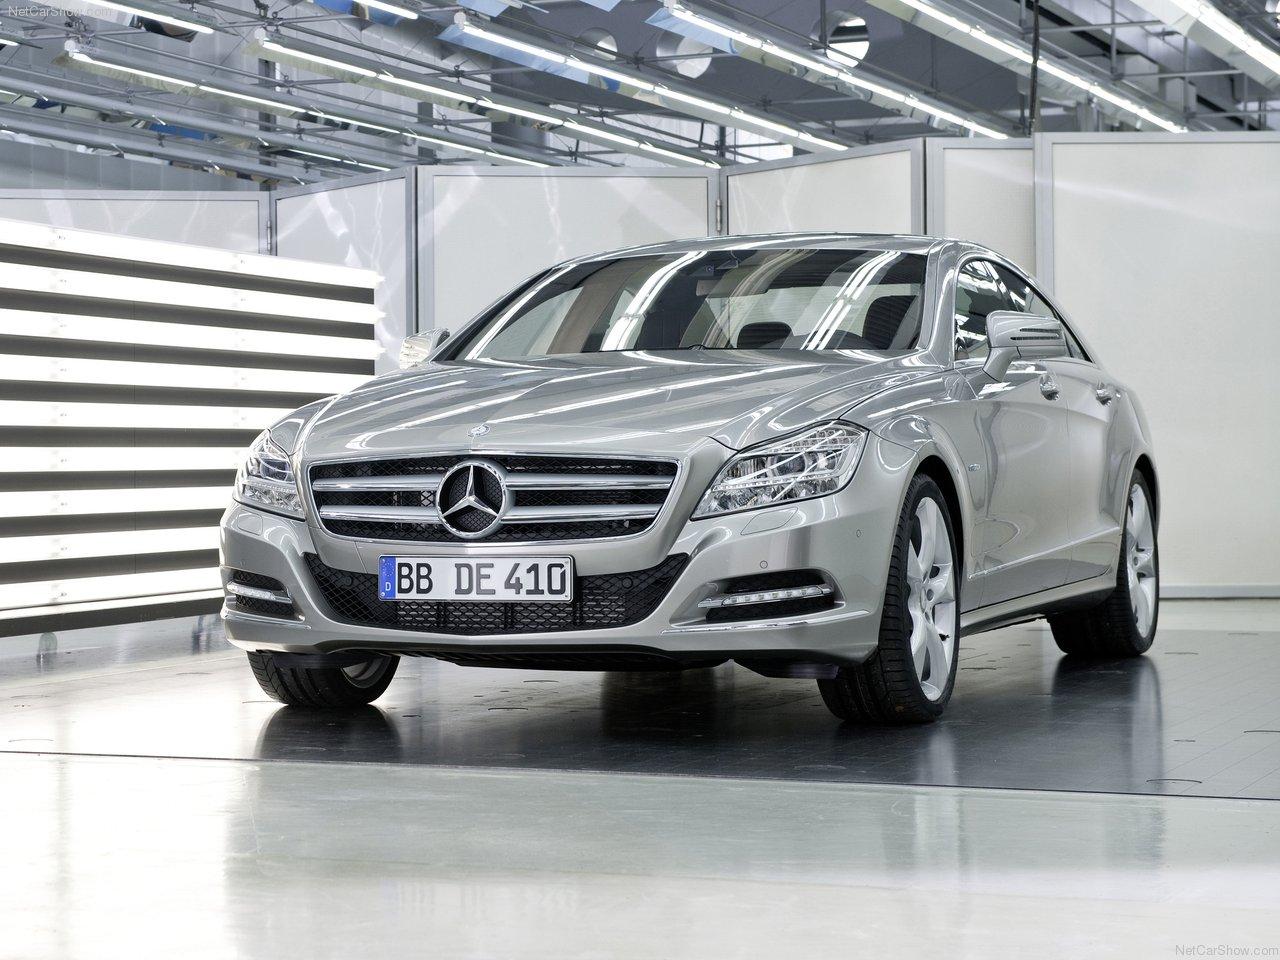 http://2.bp.blogspot.com/_3V1YR3u6VBg/THQeb5ttfsI/AAAAAAAAFNs/RUxJZf0Sy9M/s1600/Mercedes-Benz-CLS-Class_2012_1280x960_wallpaper_01.jpg